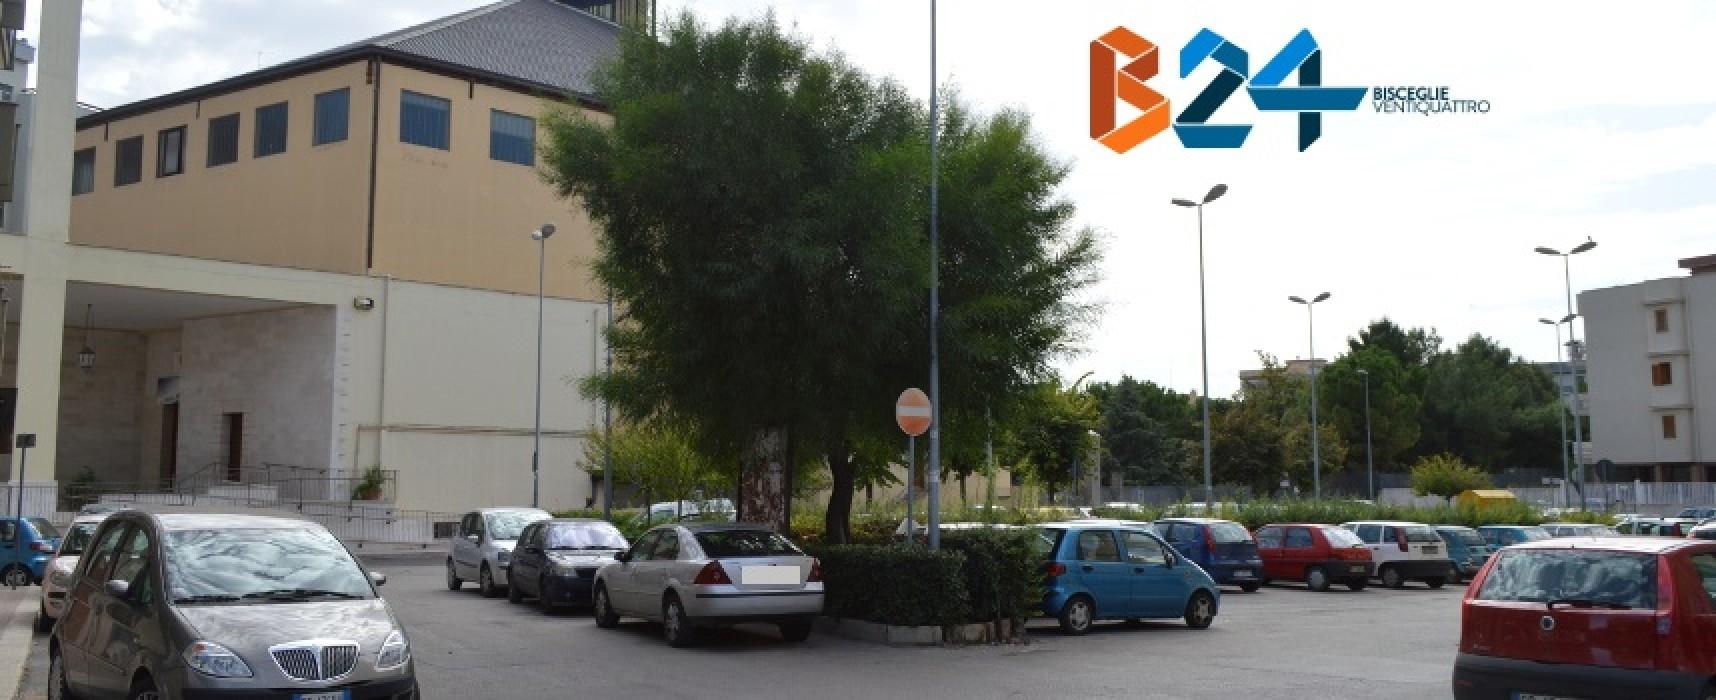 """""""Mattinata dello Studente"""", chiusura Piazza Generale Dalla Chiesa lunedì 20 ottobre"""